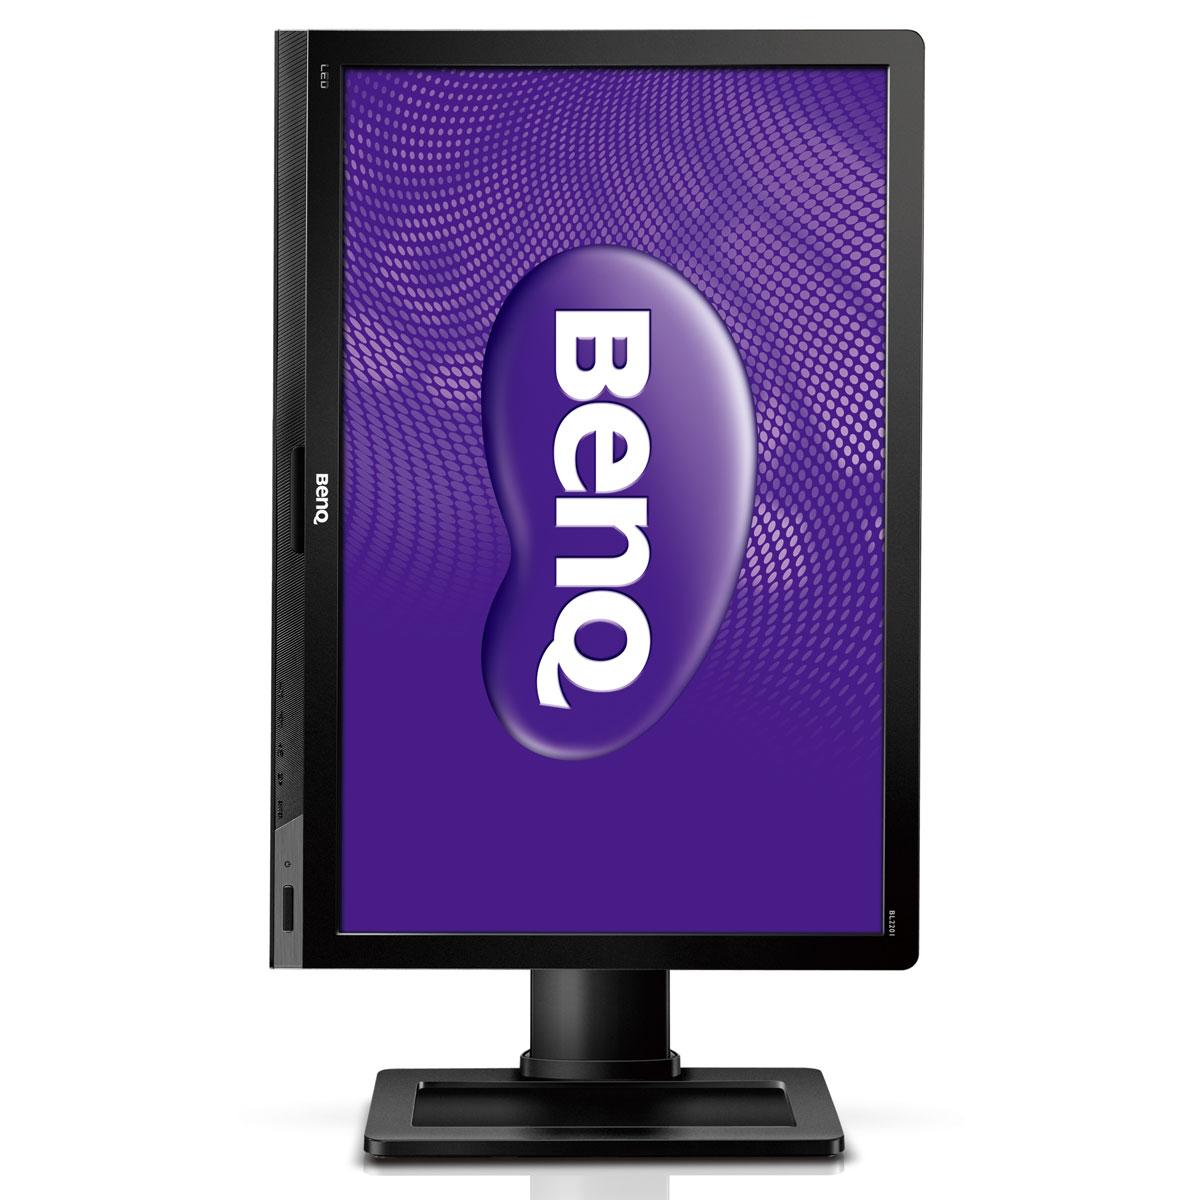 Benq 22 led bl2201pt 9h l4wla sbe achat vente for Vente ecran pc